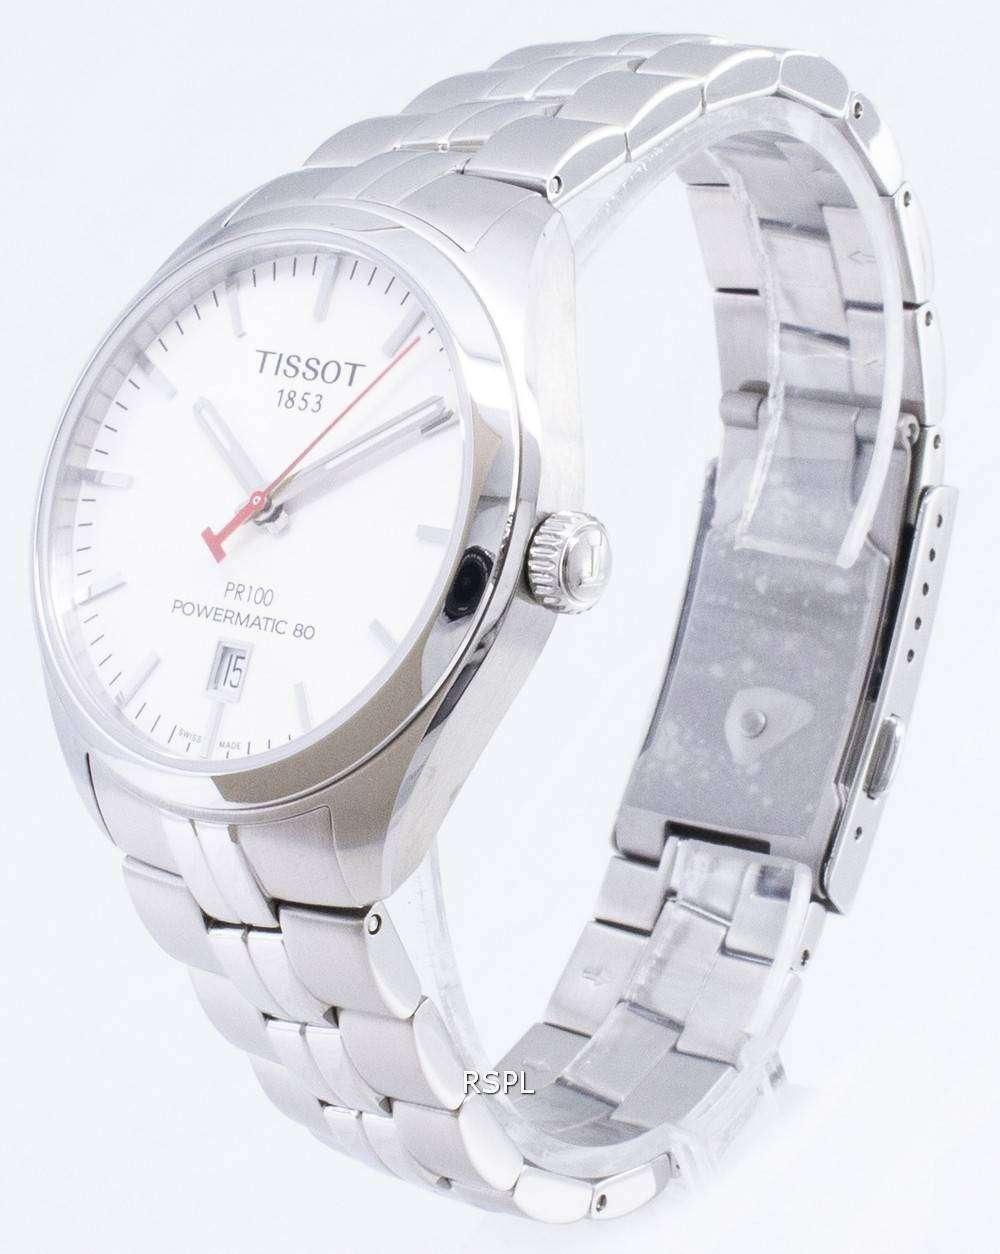 ティソ PR 100 アジア競技大会版 T 101.407.11.011.00 T1014071101100 Powermatic 80 メンズ腕時計